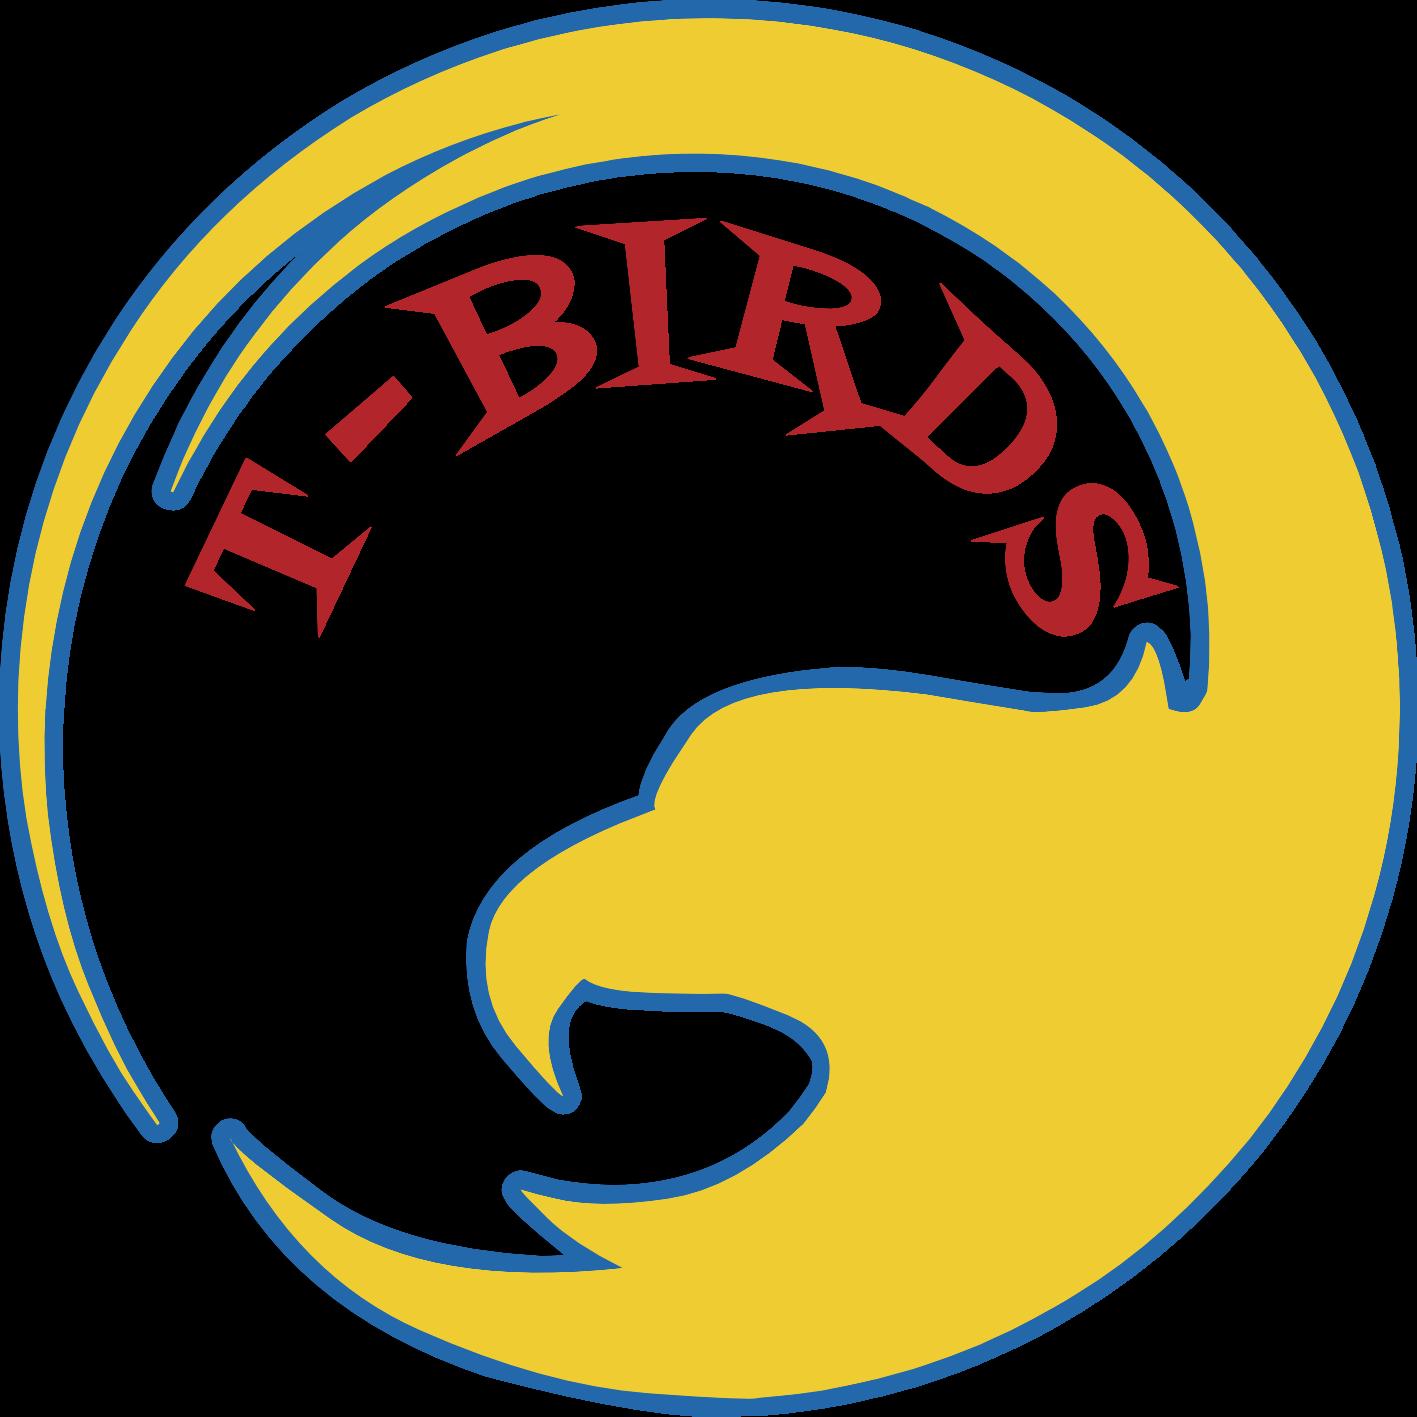 Texas T-Birds